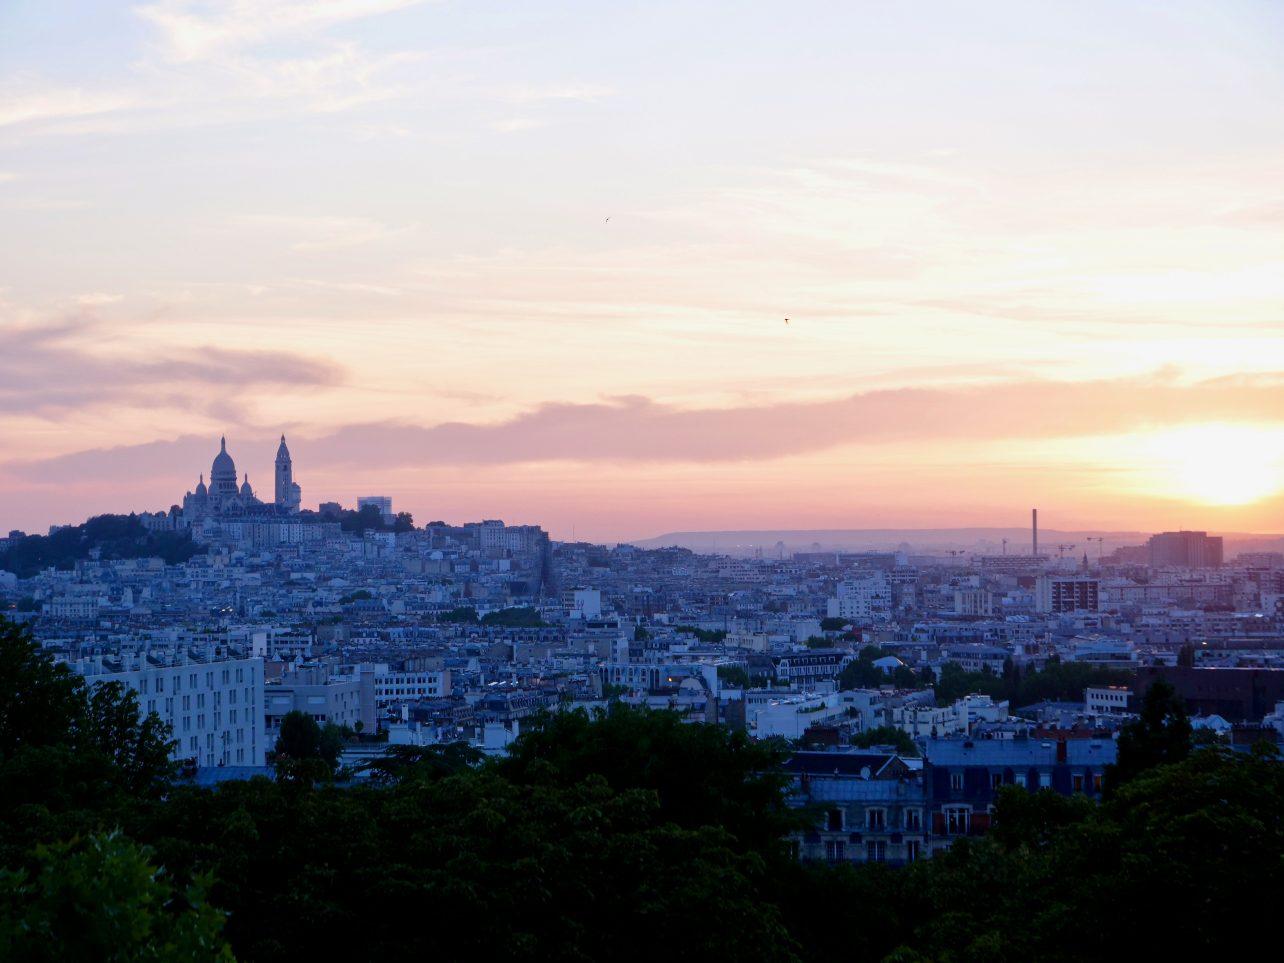 Un coucher de soleil depuis les buttes Chaumont